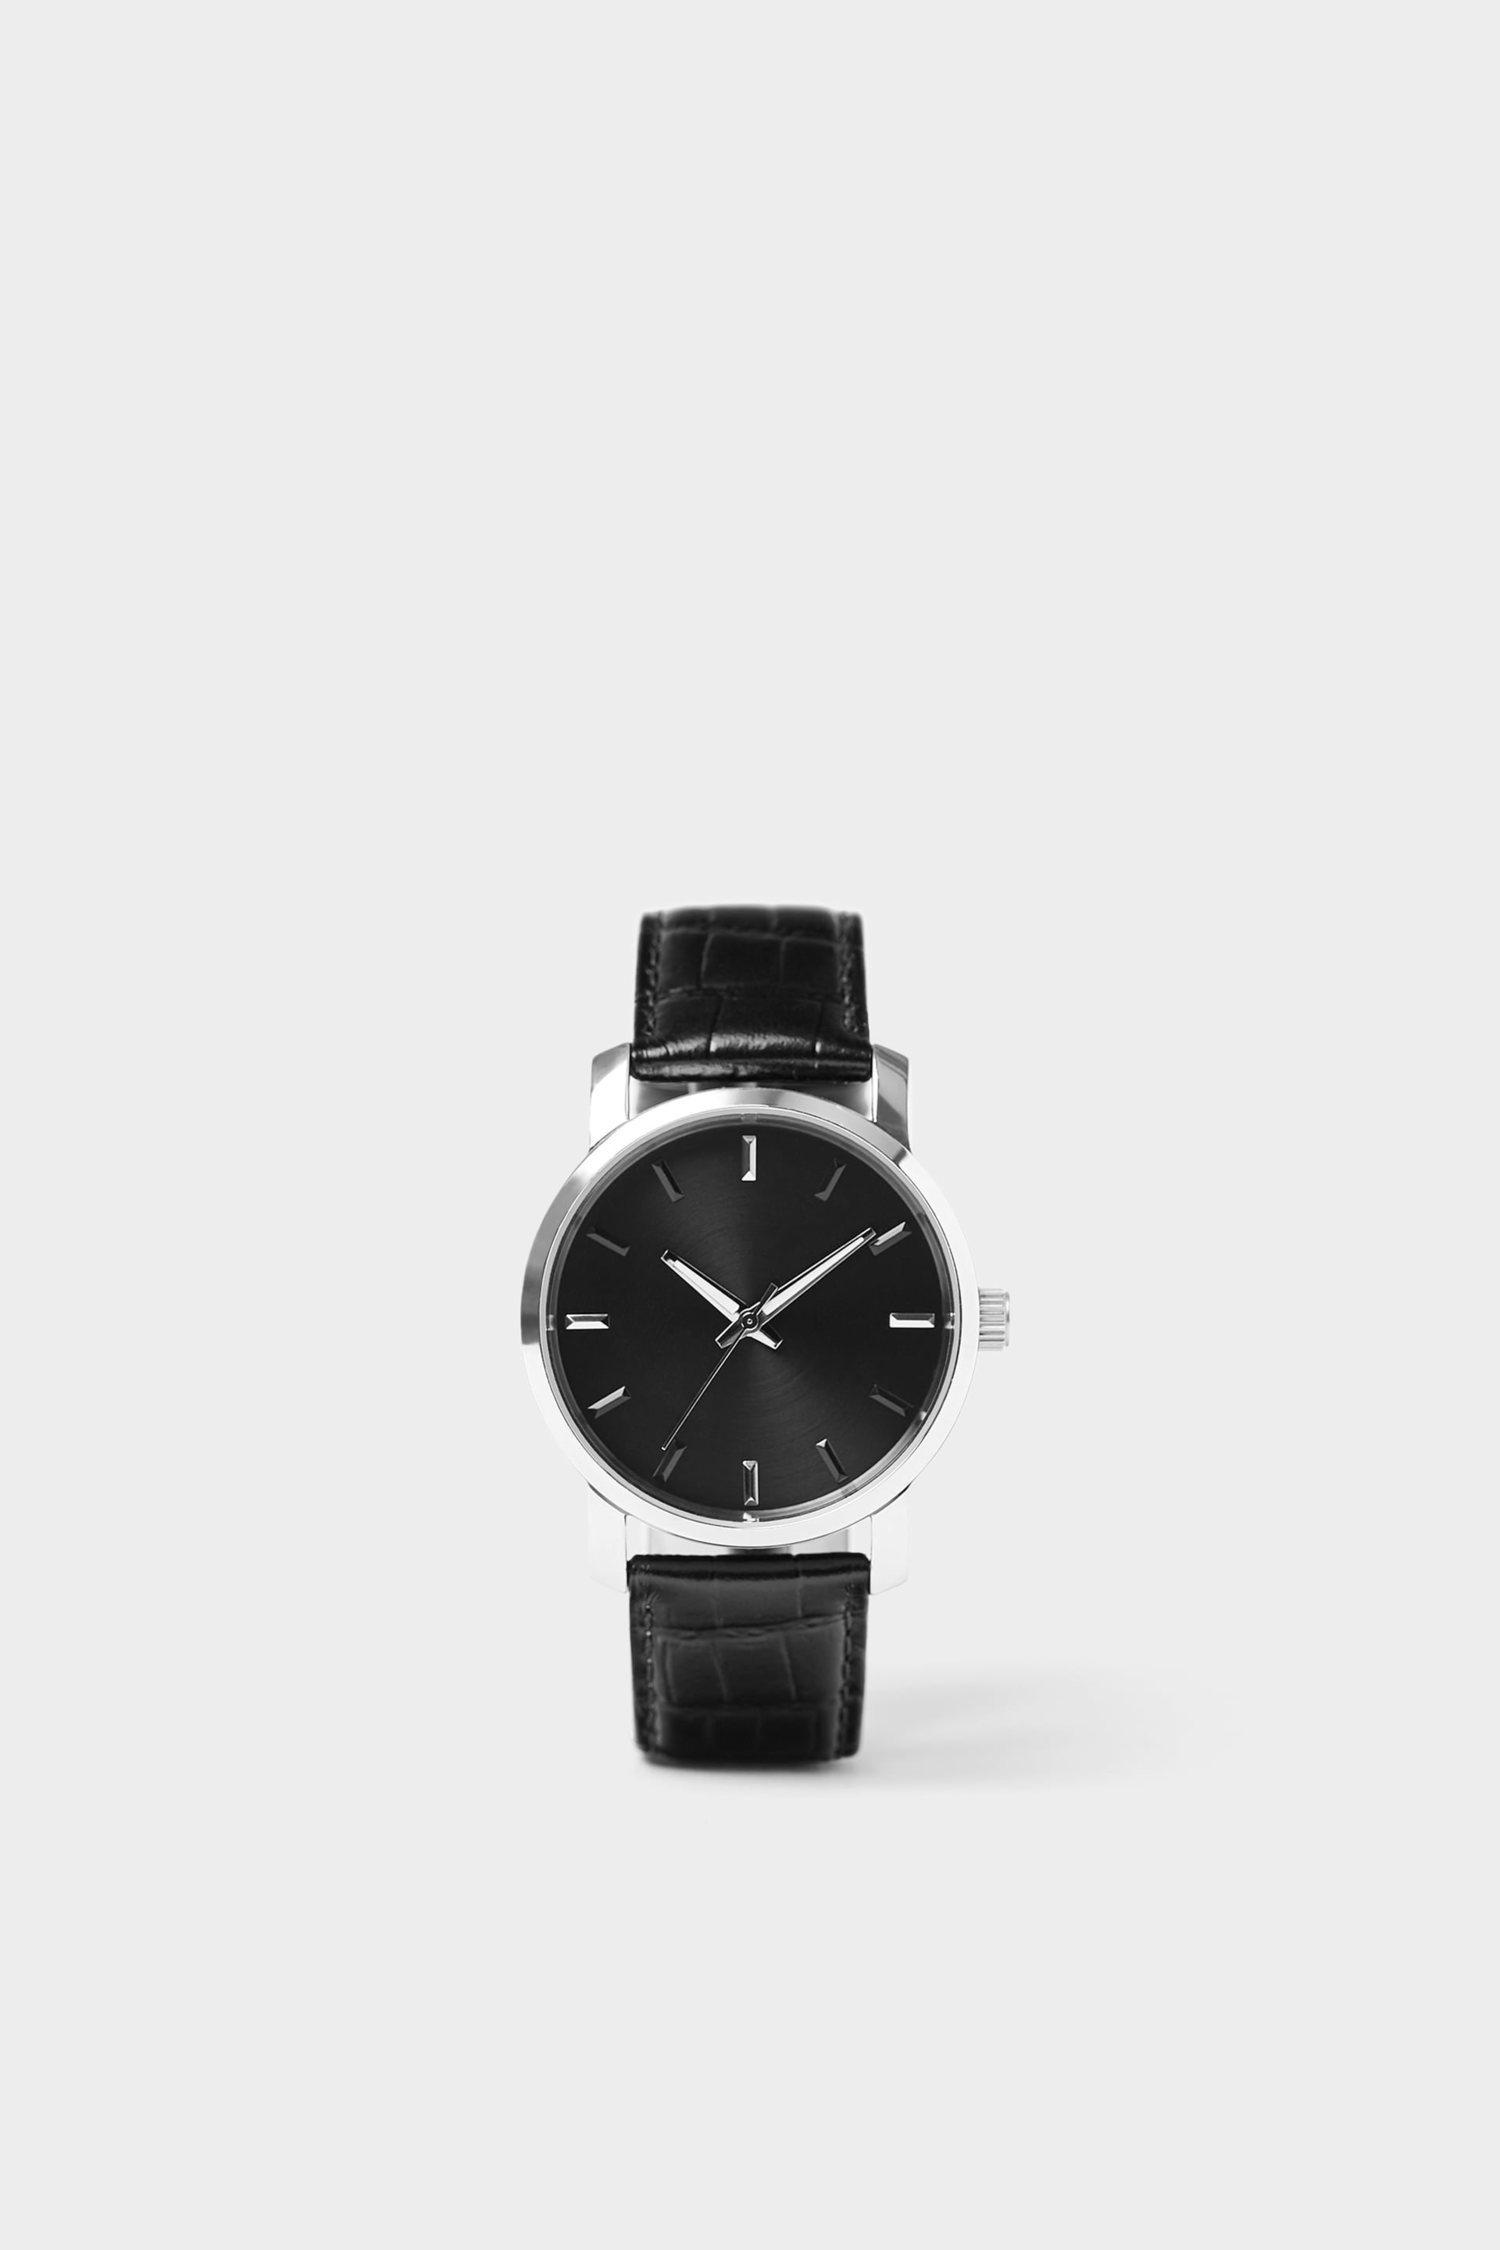 El reloj con caja redonda es el más sencillo y, por lo tanto, el que más originalidad tiene.